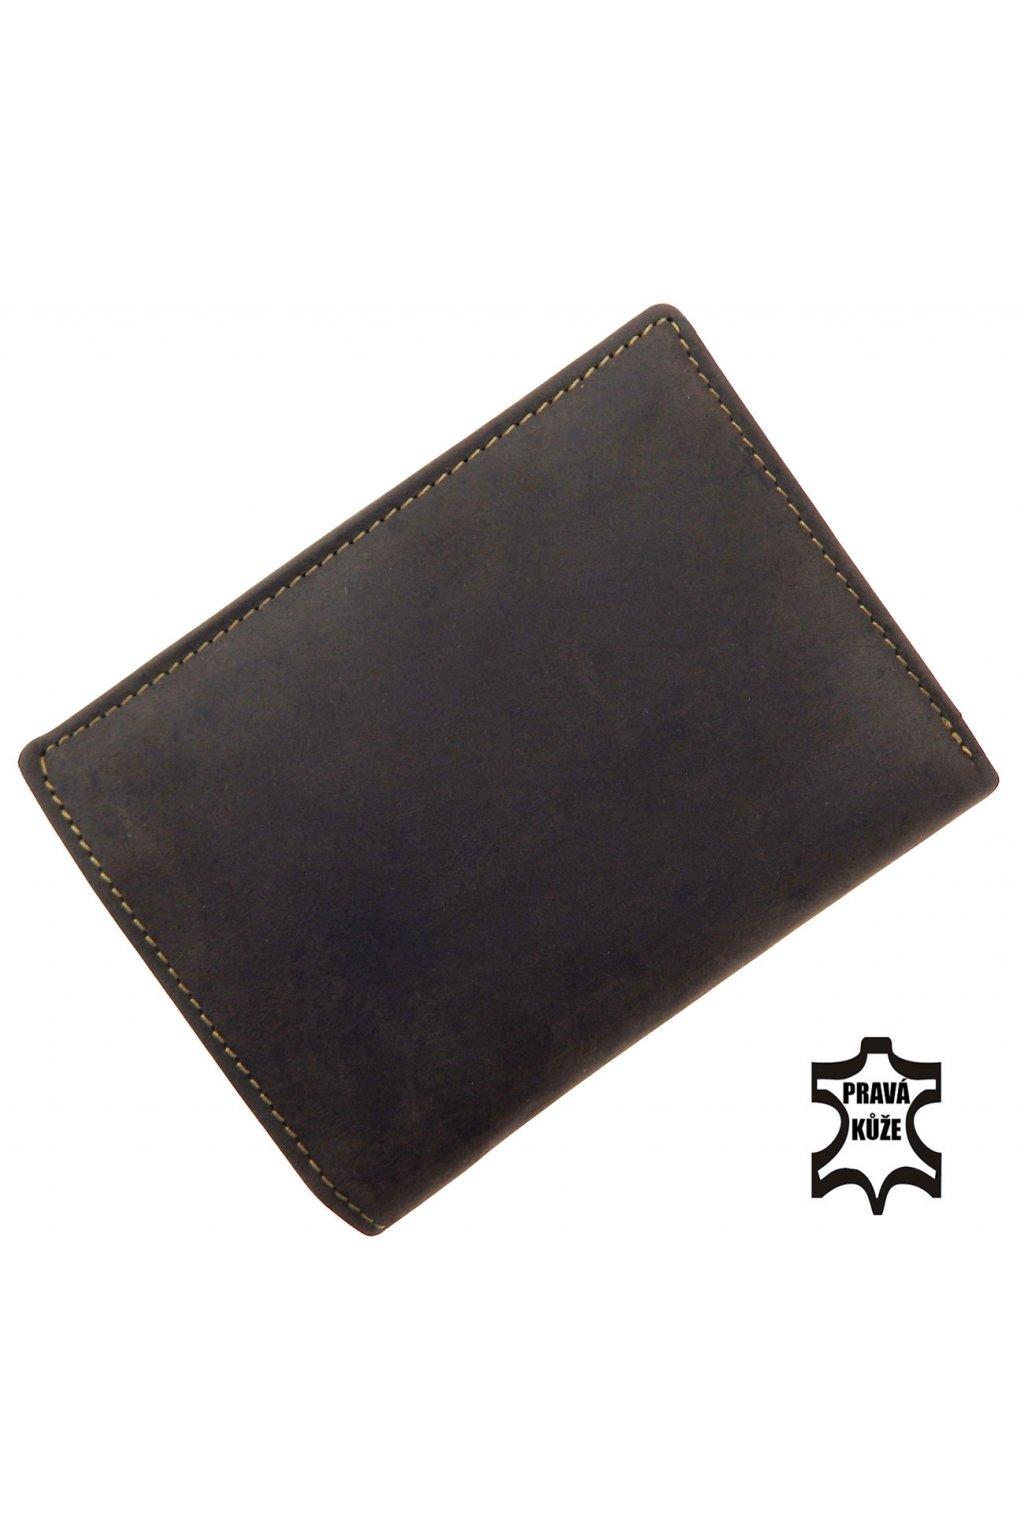 panska kozena penezenka pkp04 887 80 h